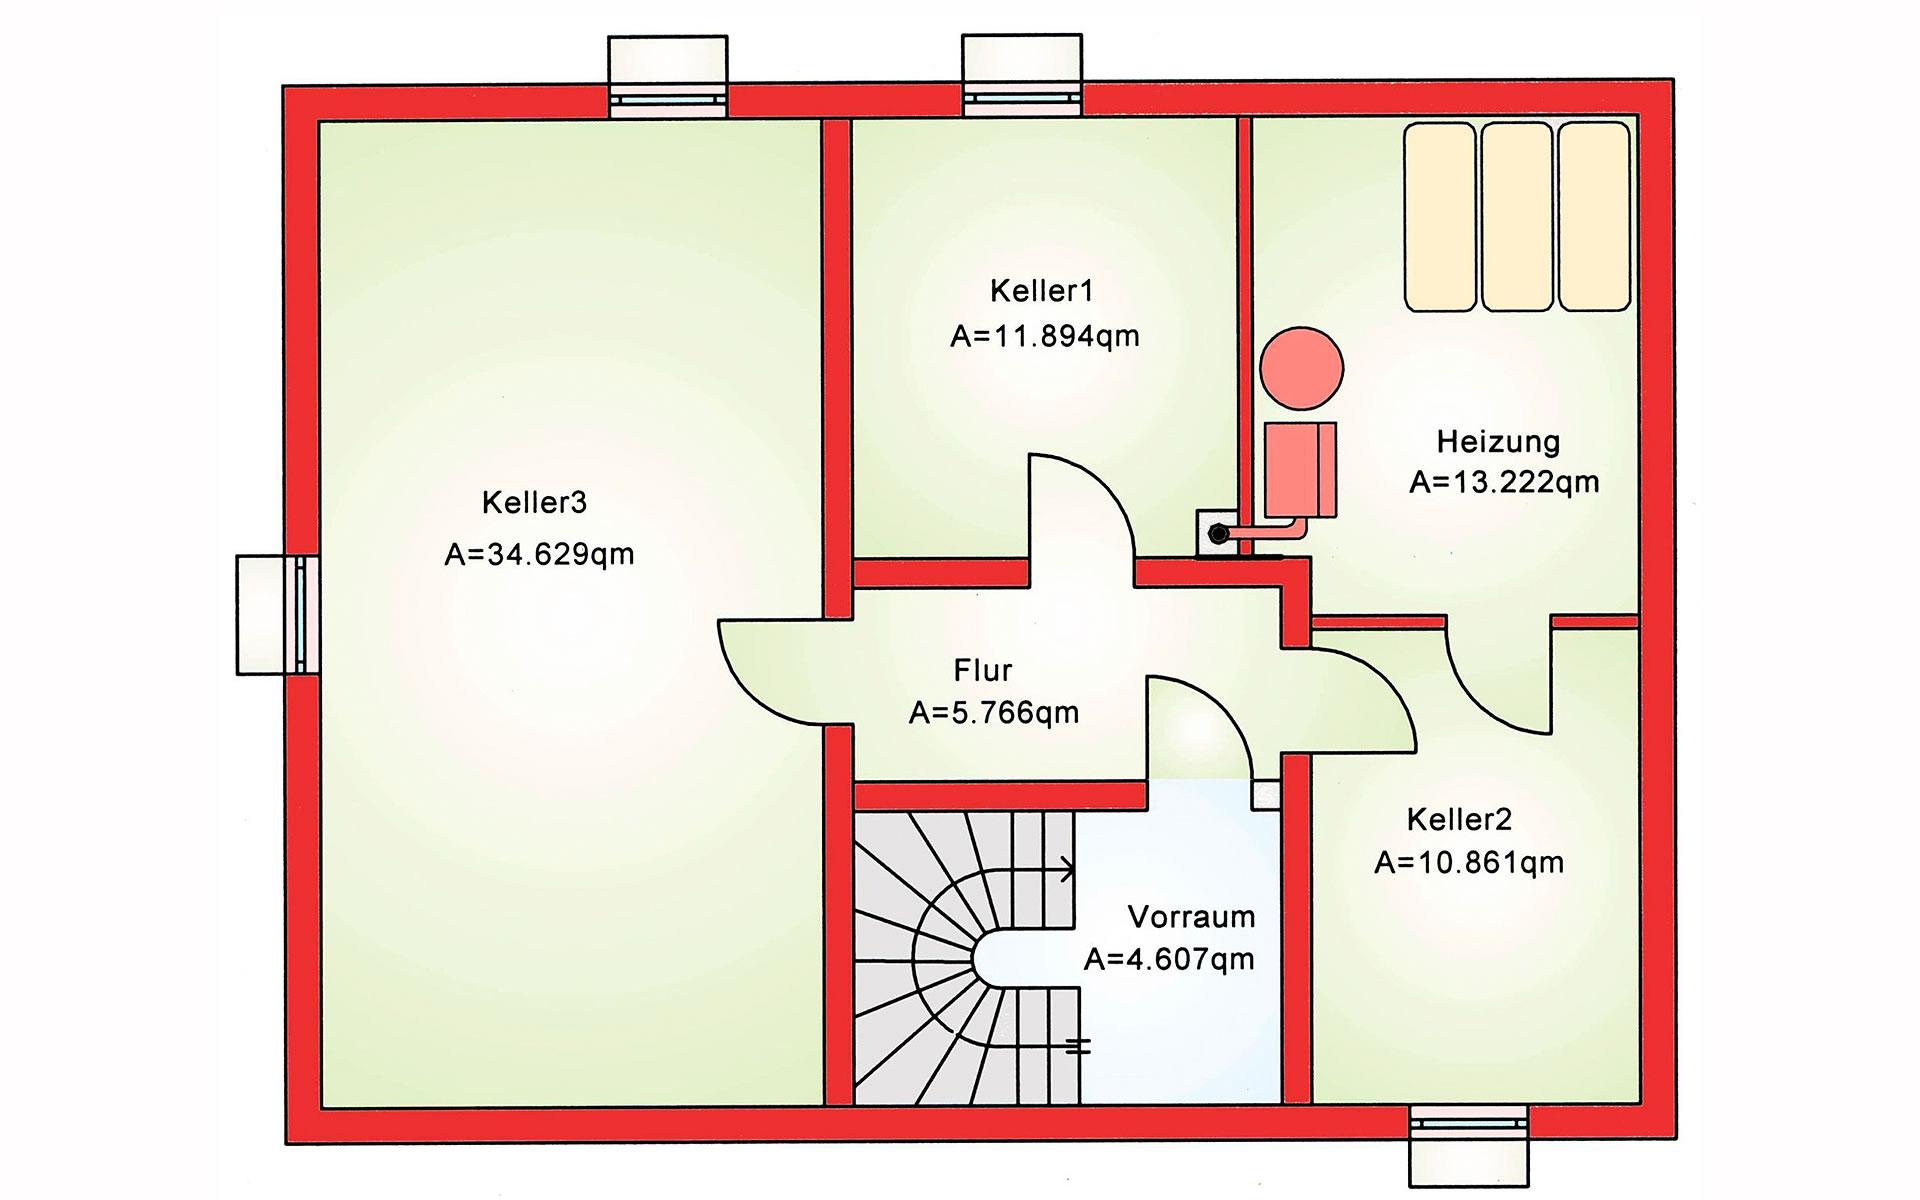 Keller Zweifamilienhaus BS 140 von B&S Selbstbausysteme GmbH & Co. KG